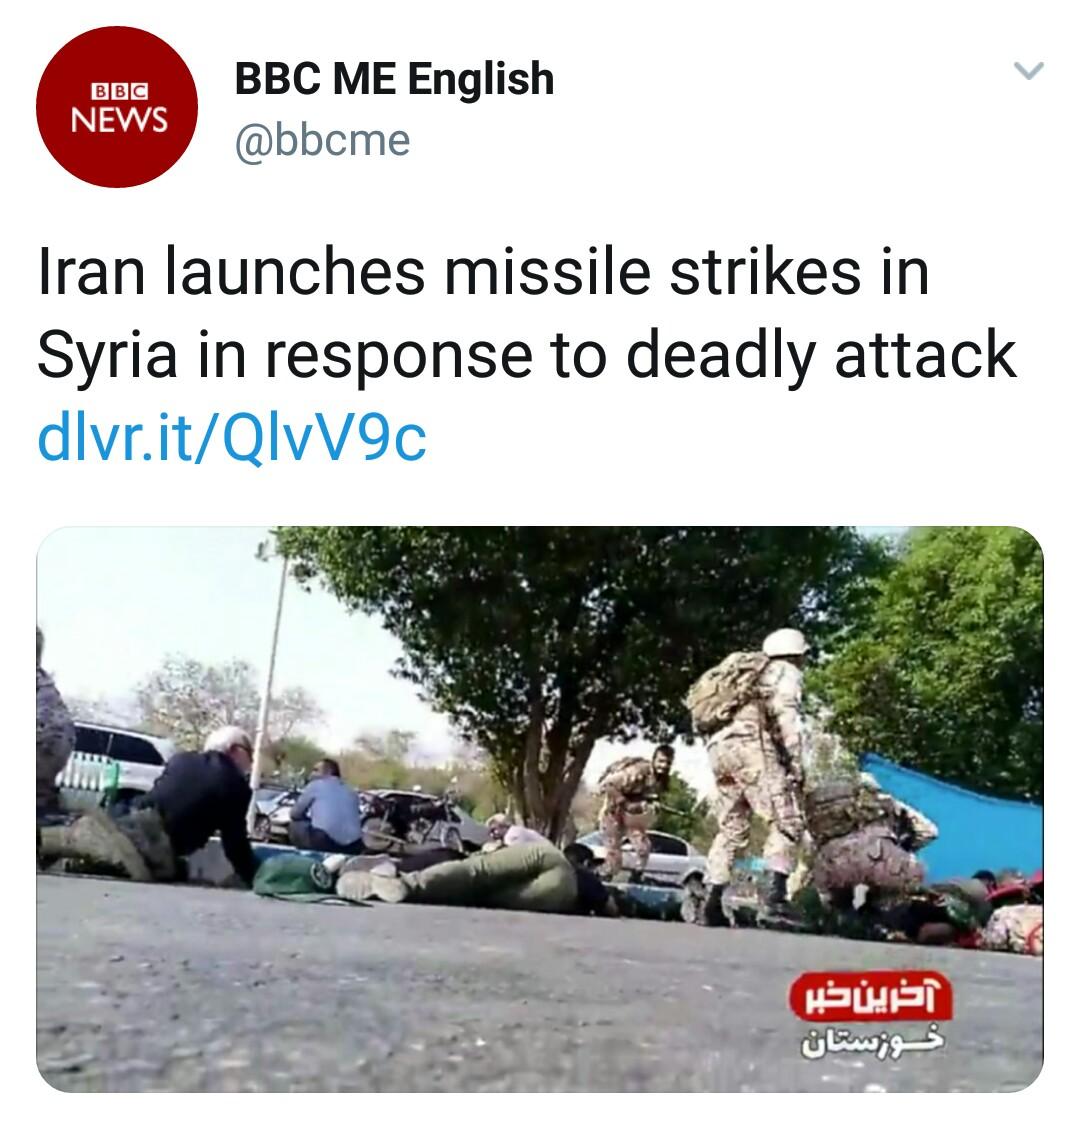 بازتاب حمله موشکی سپاه به مواضع طراحان حمله تروریستی اهواز در رسانههای خارجی - 29